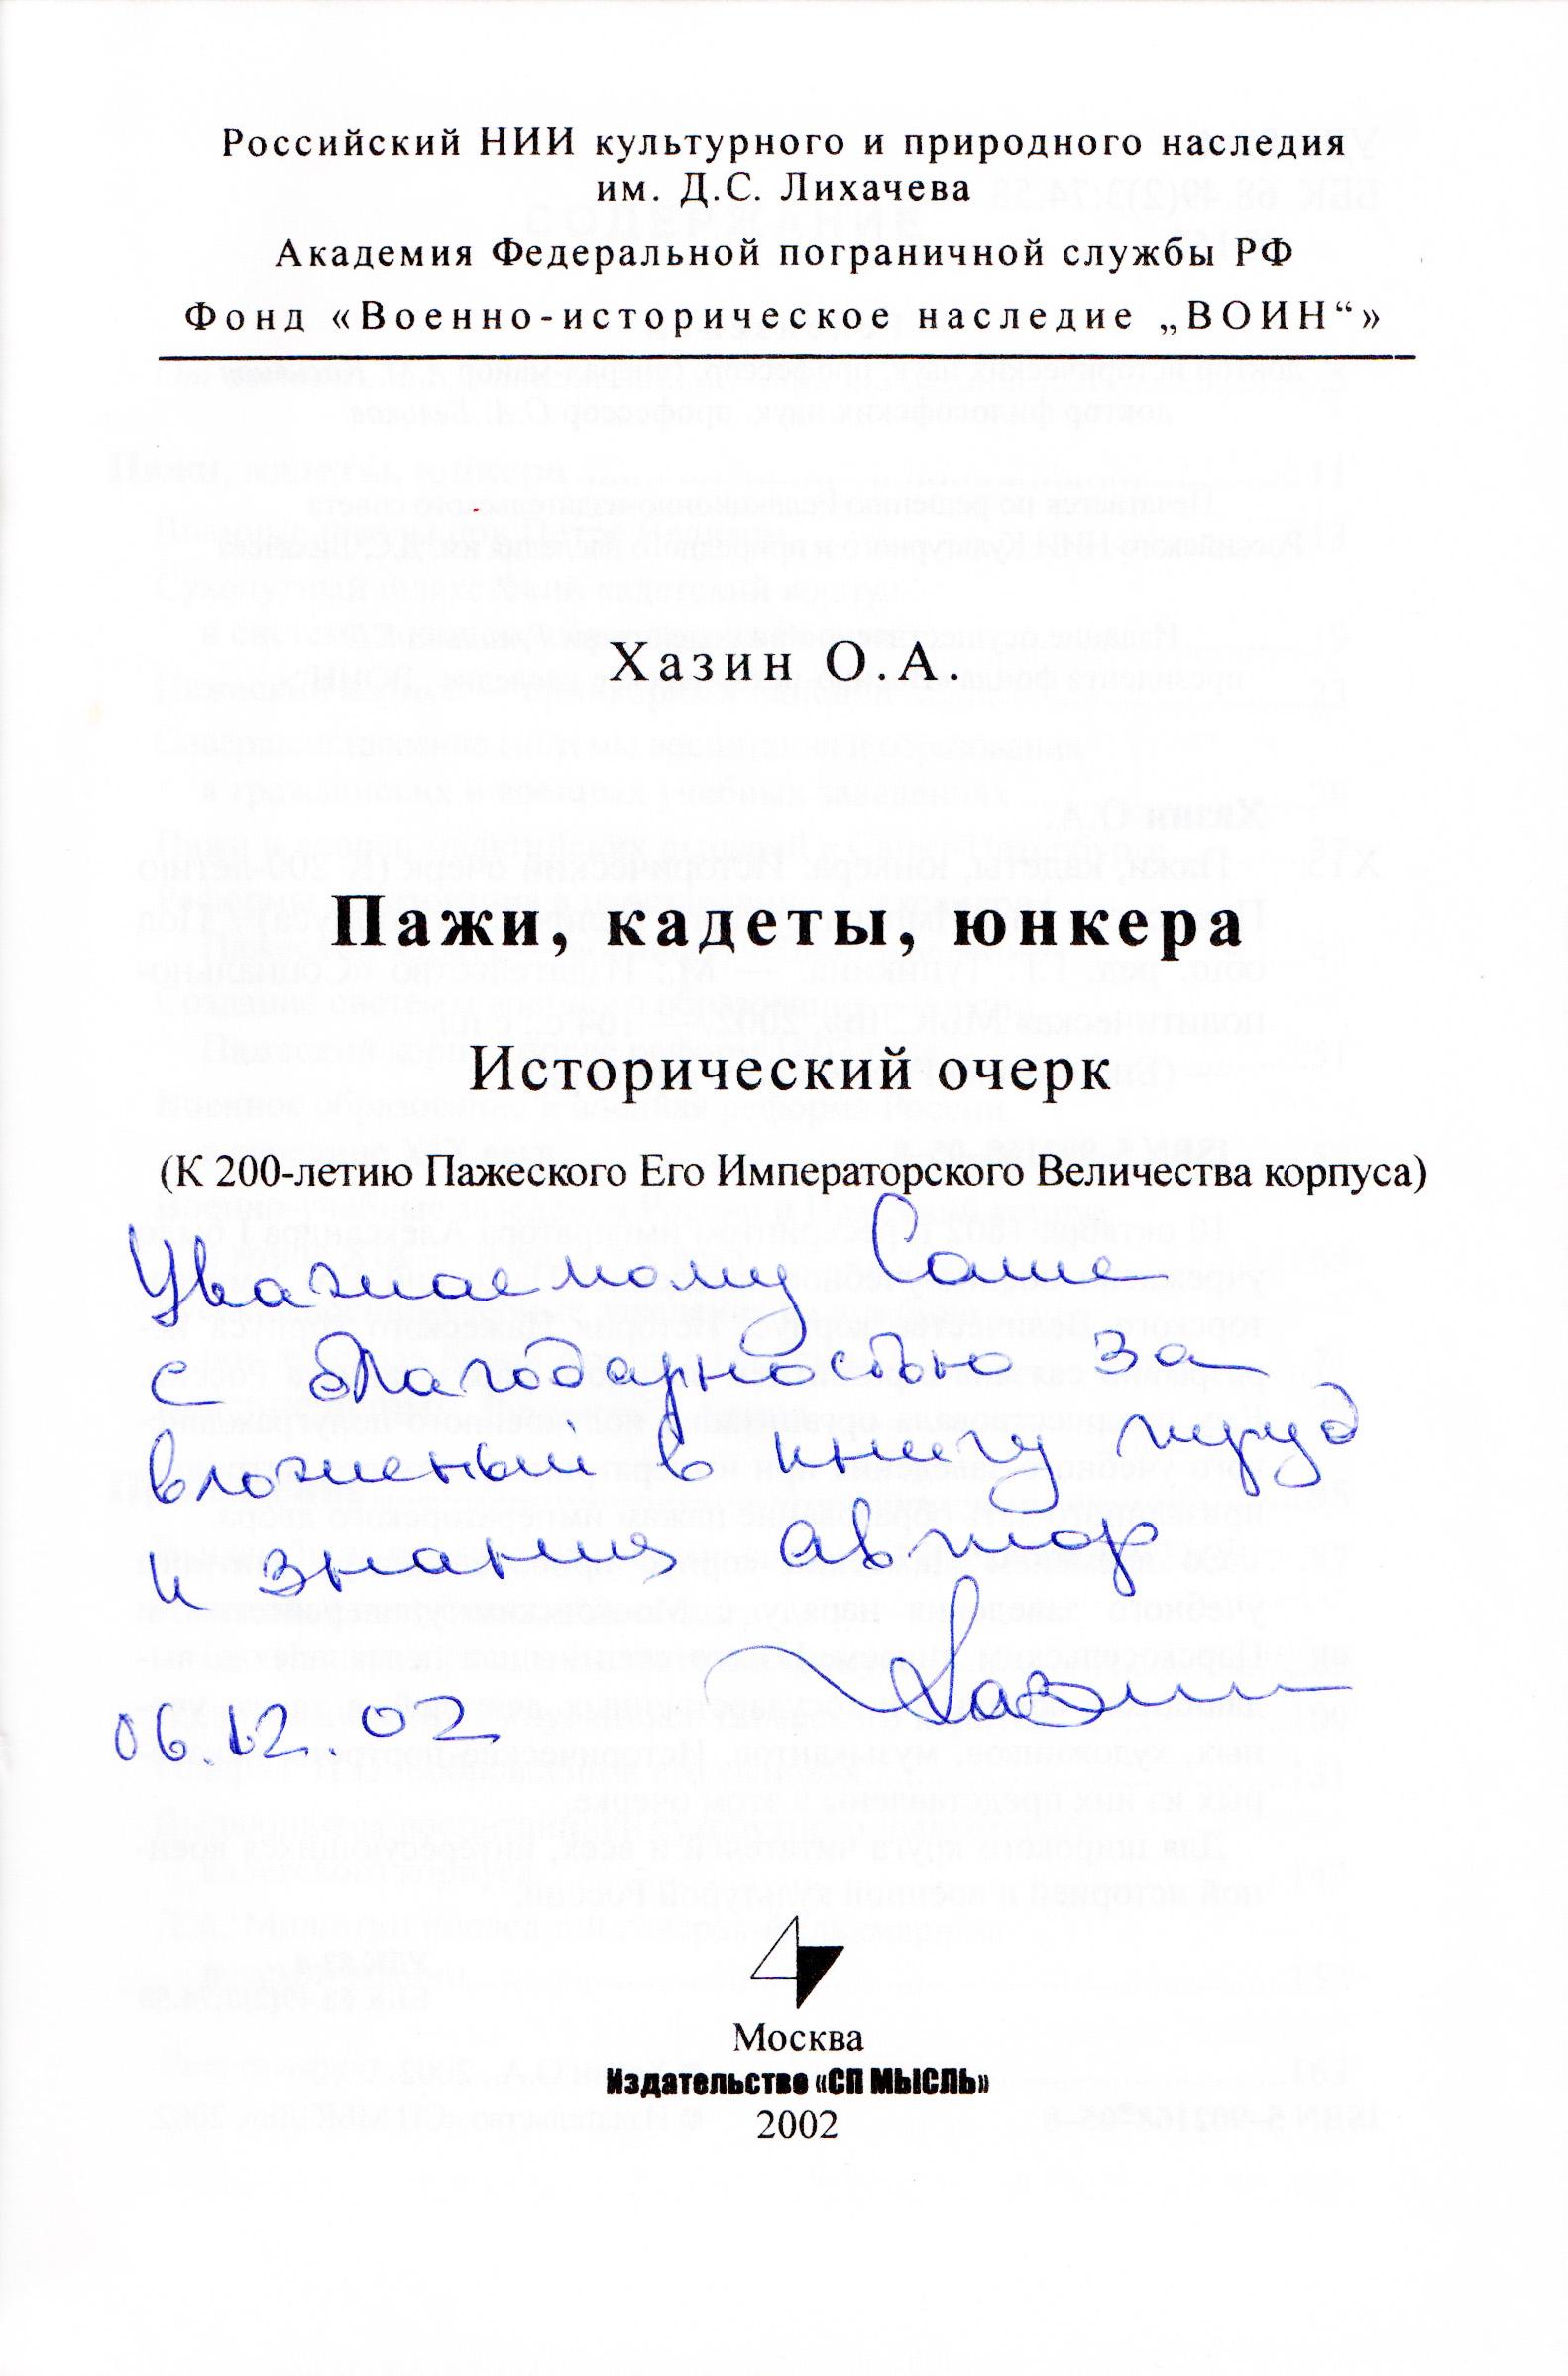 Титул с дарственной надписью О.А. Хазина издателю, 06.12.2002